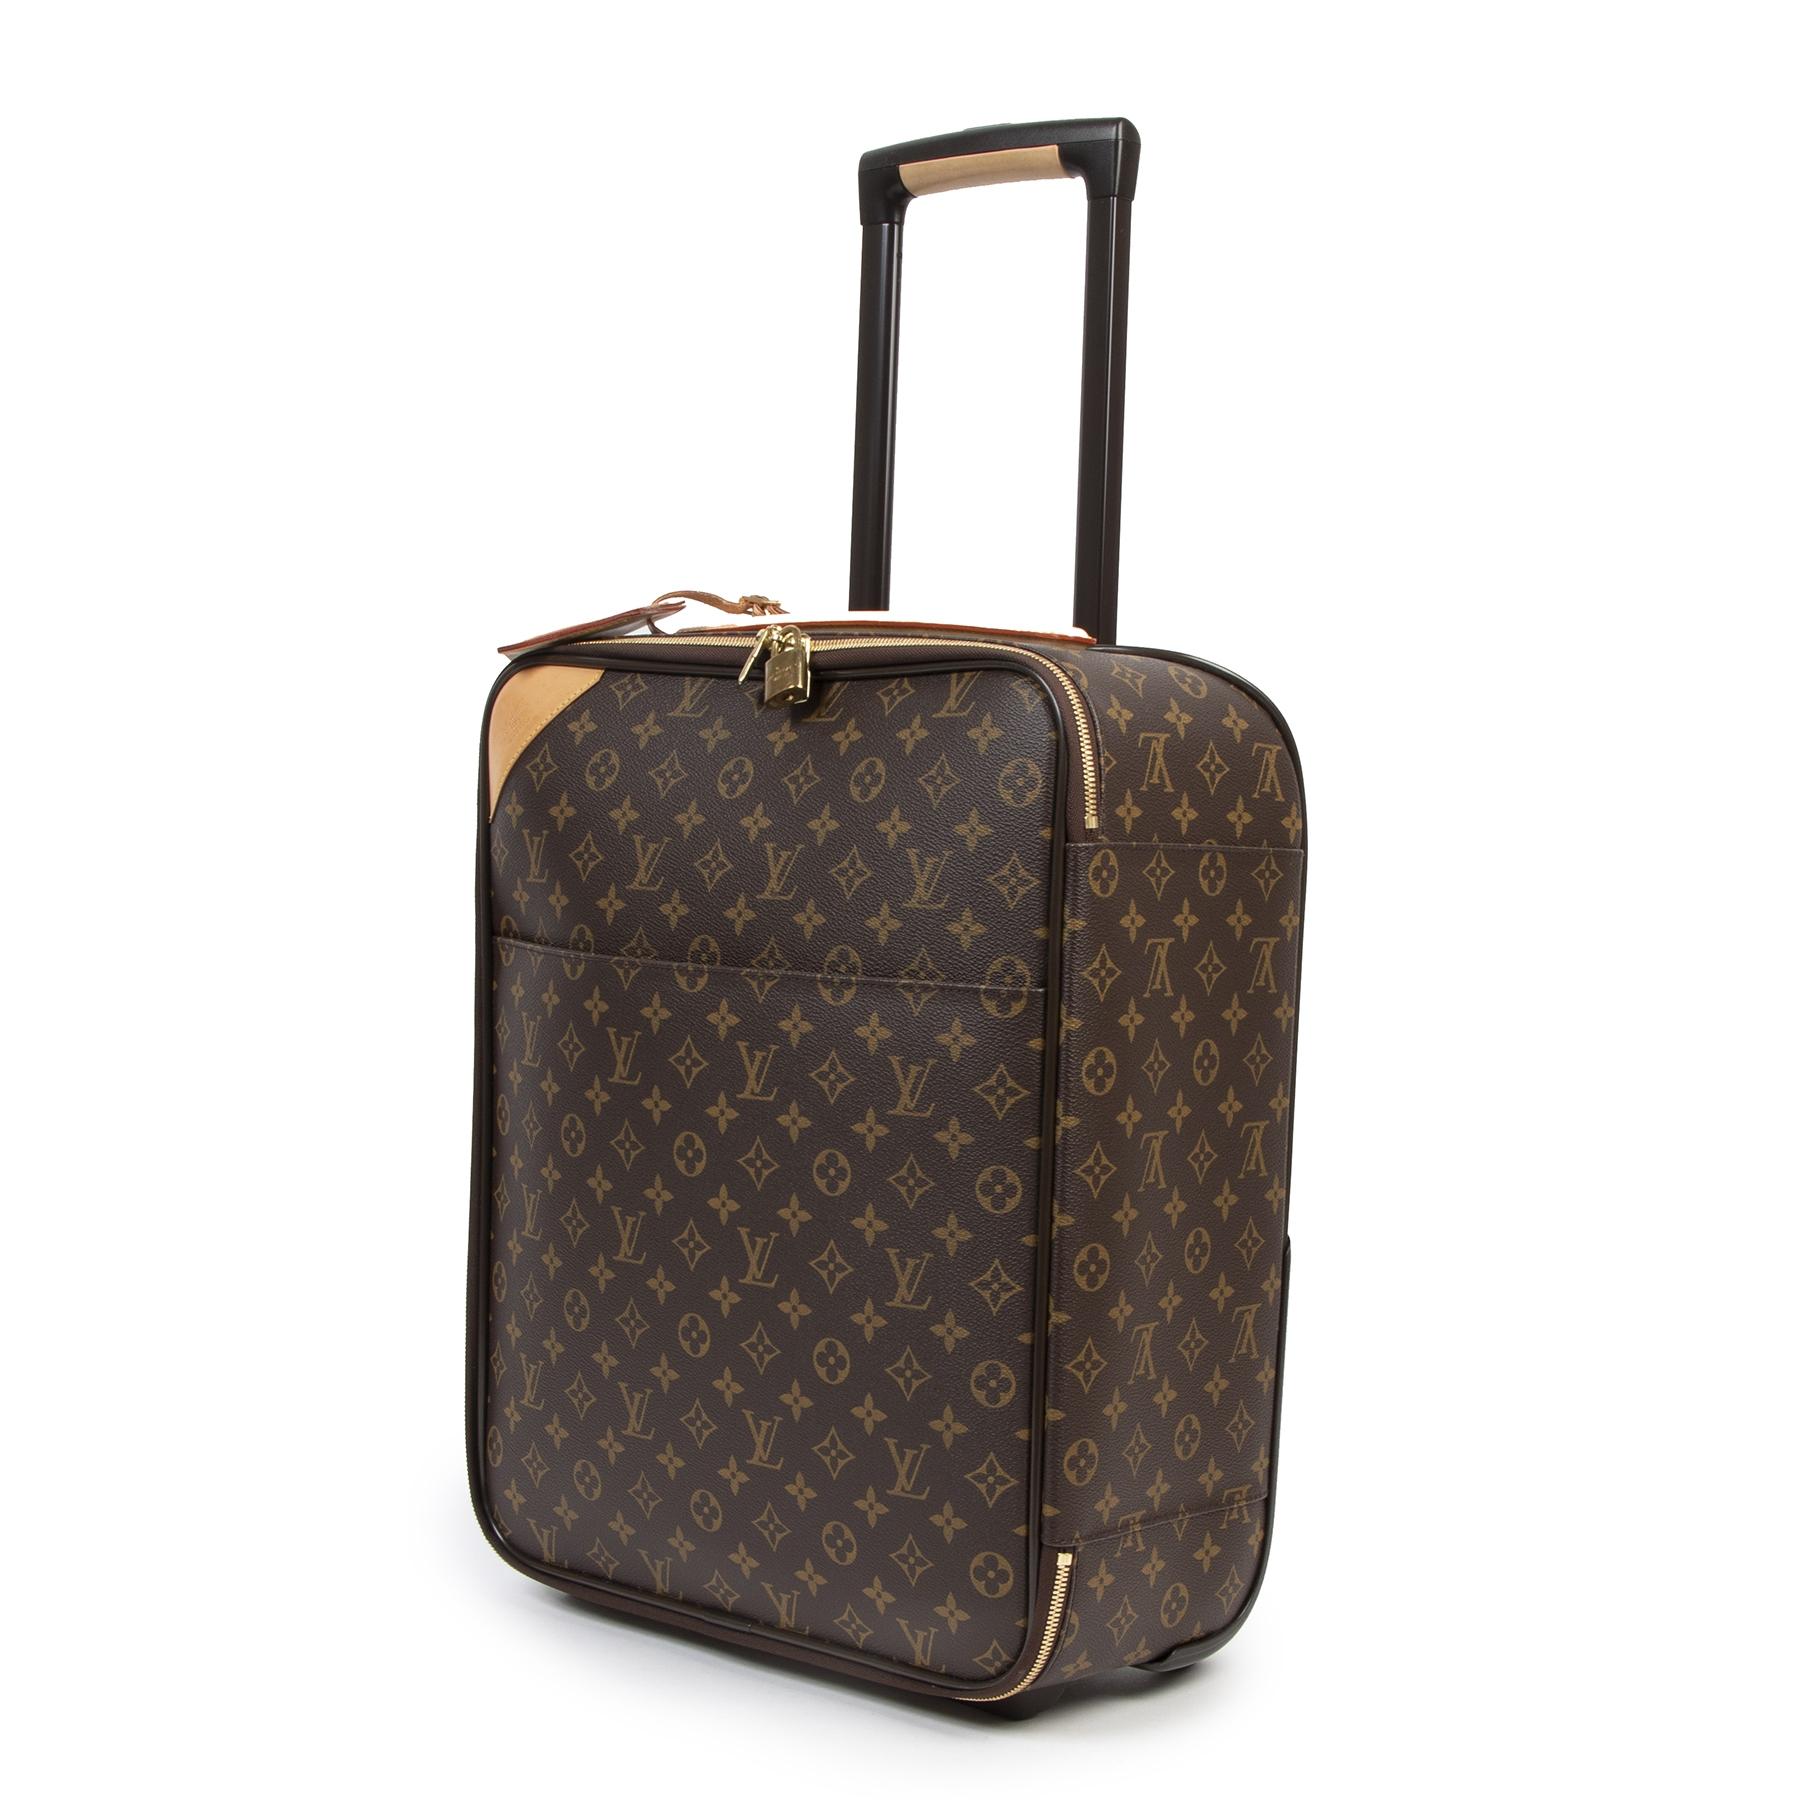 Authentic second-hand vintage Louis Vuitton Monogram Pegase 45 Suitcase buy online webshop LabelLOV